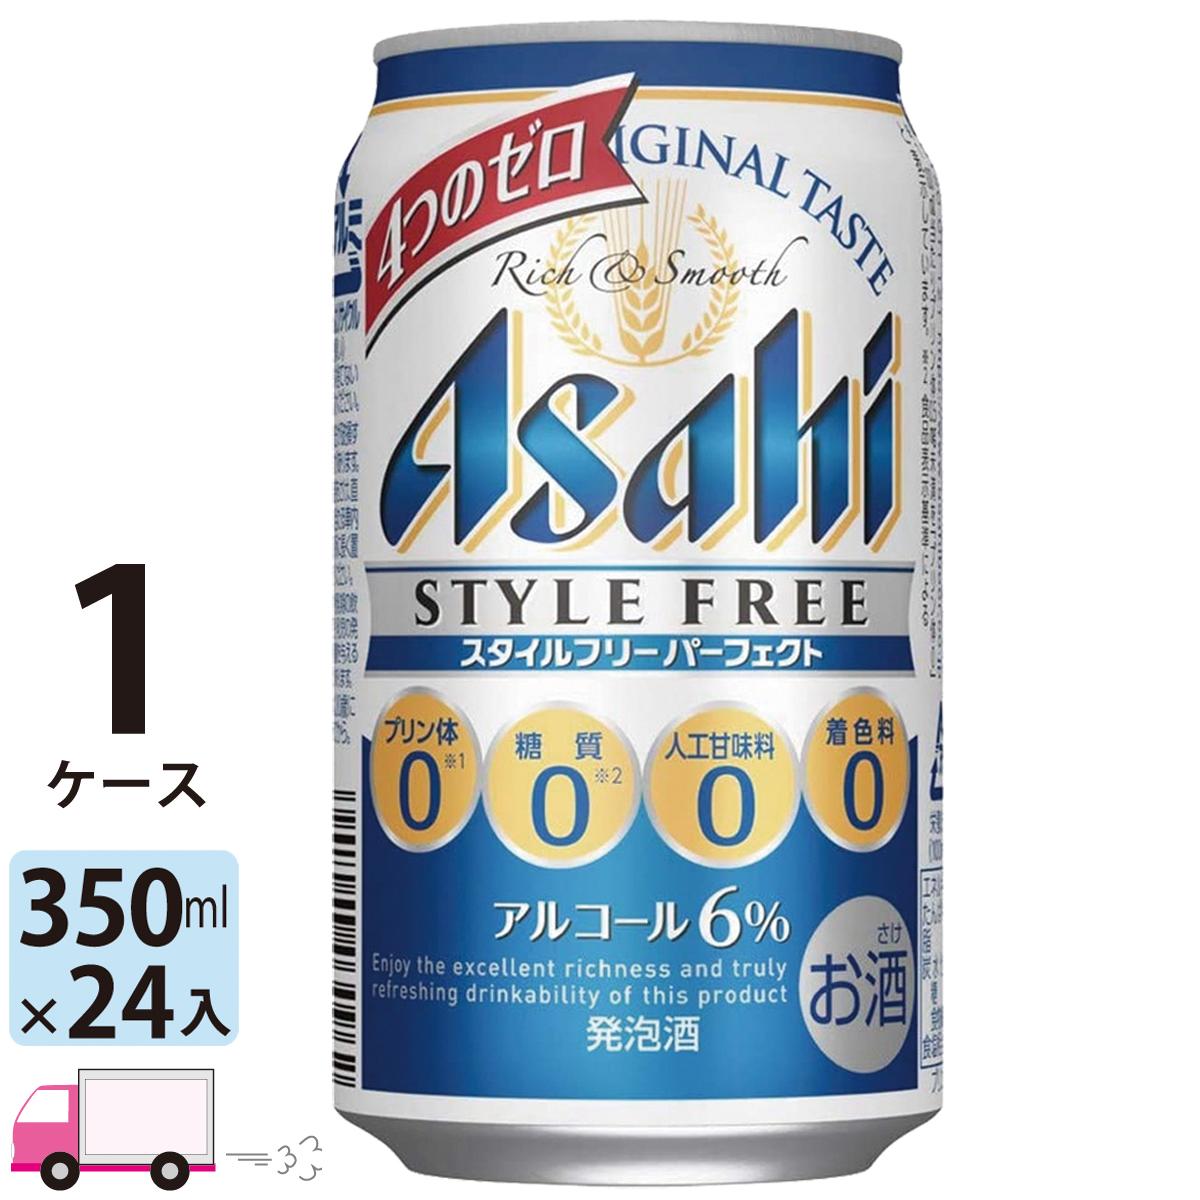 「プリン体0」「糖質0」「人工甘味料0」「着色料0」、4つのゼロを達成した発泡酒です。 送料無料 アサヒ ビール スタイルフリーパーフェクト 350ml ×24缶入 1ケース (24本)